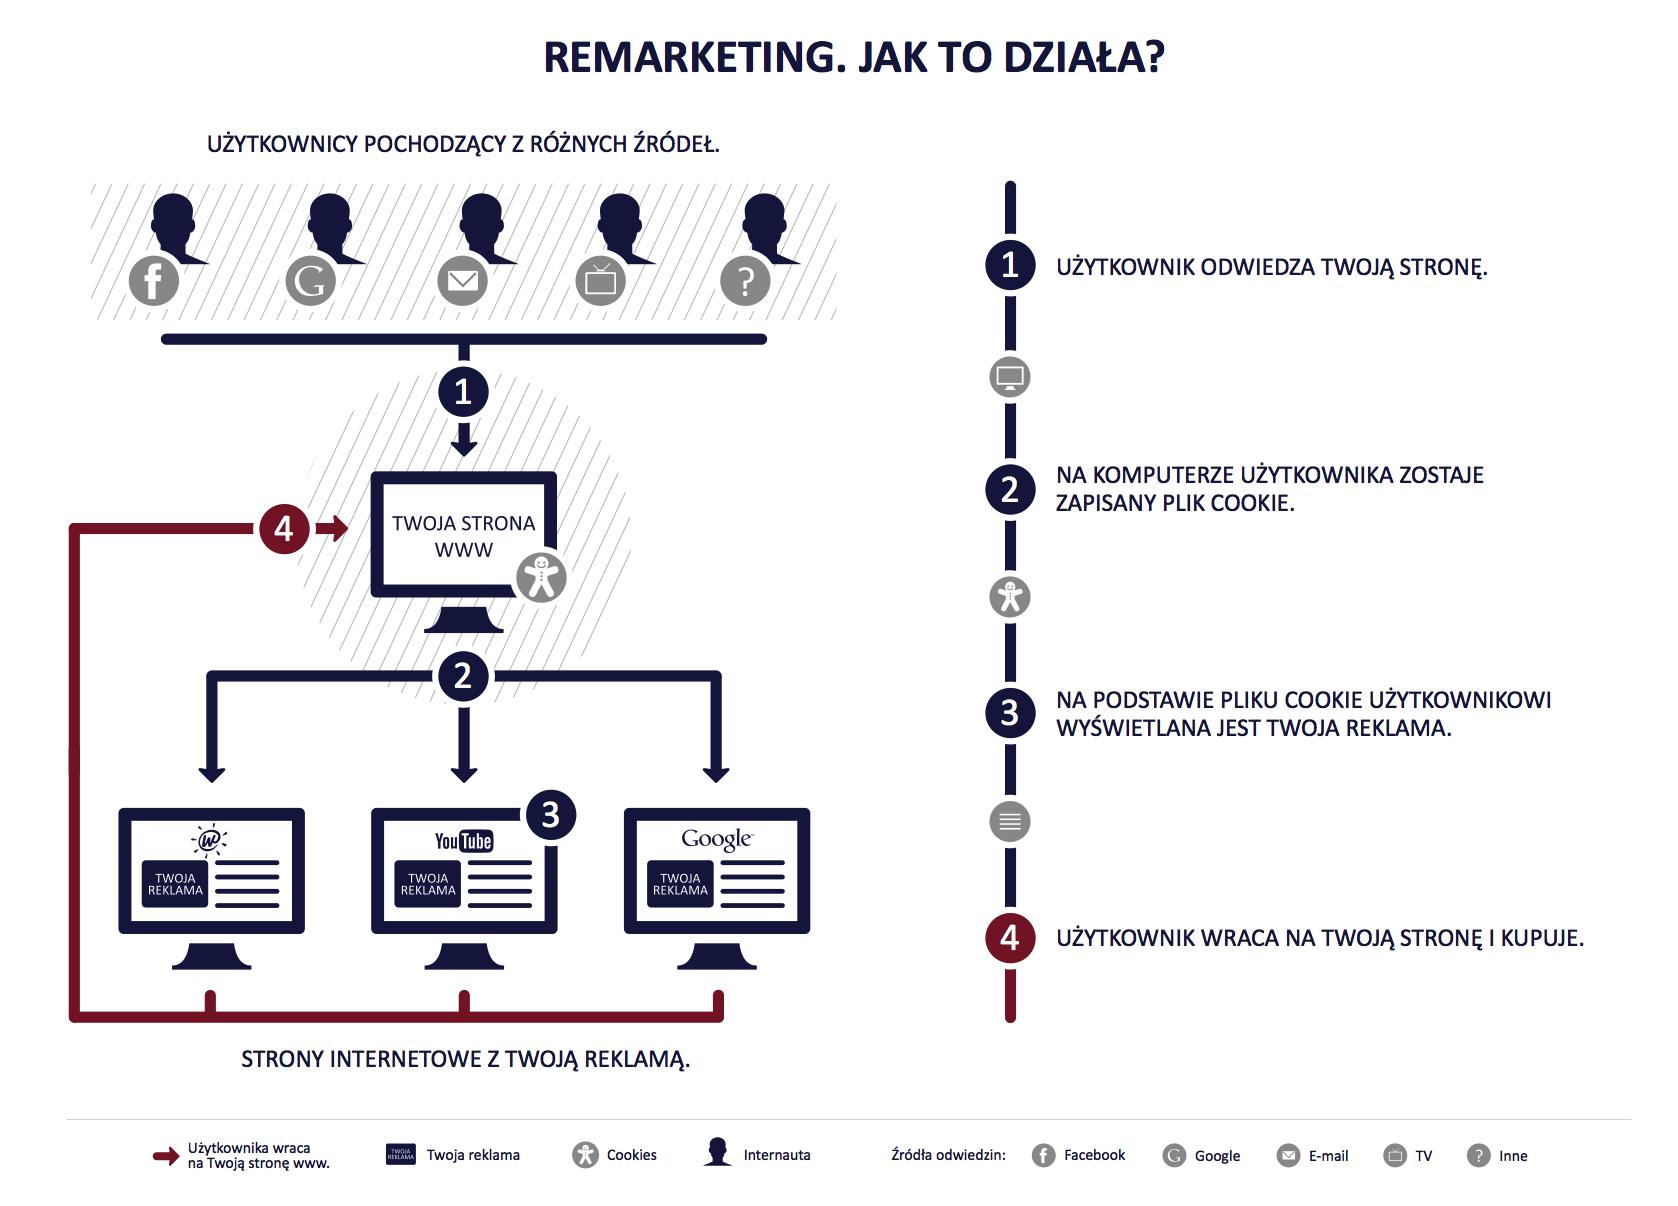 Grafika obrazująca proces remarketingu pod kątem plików cookie